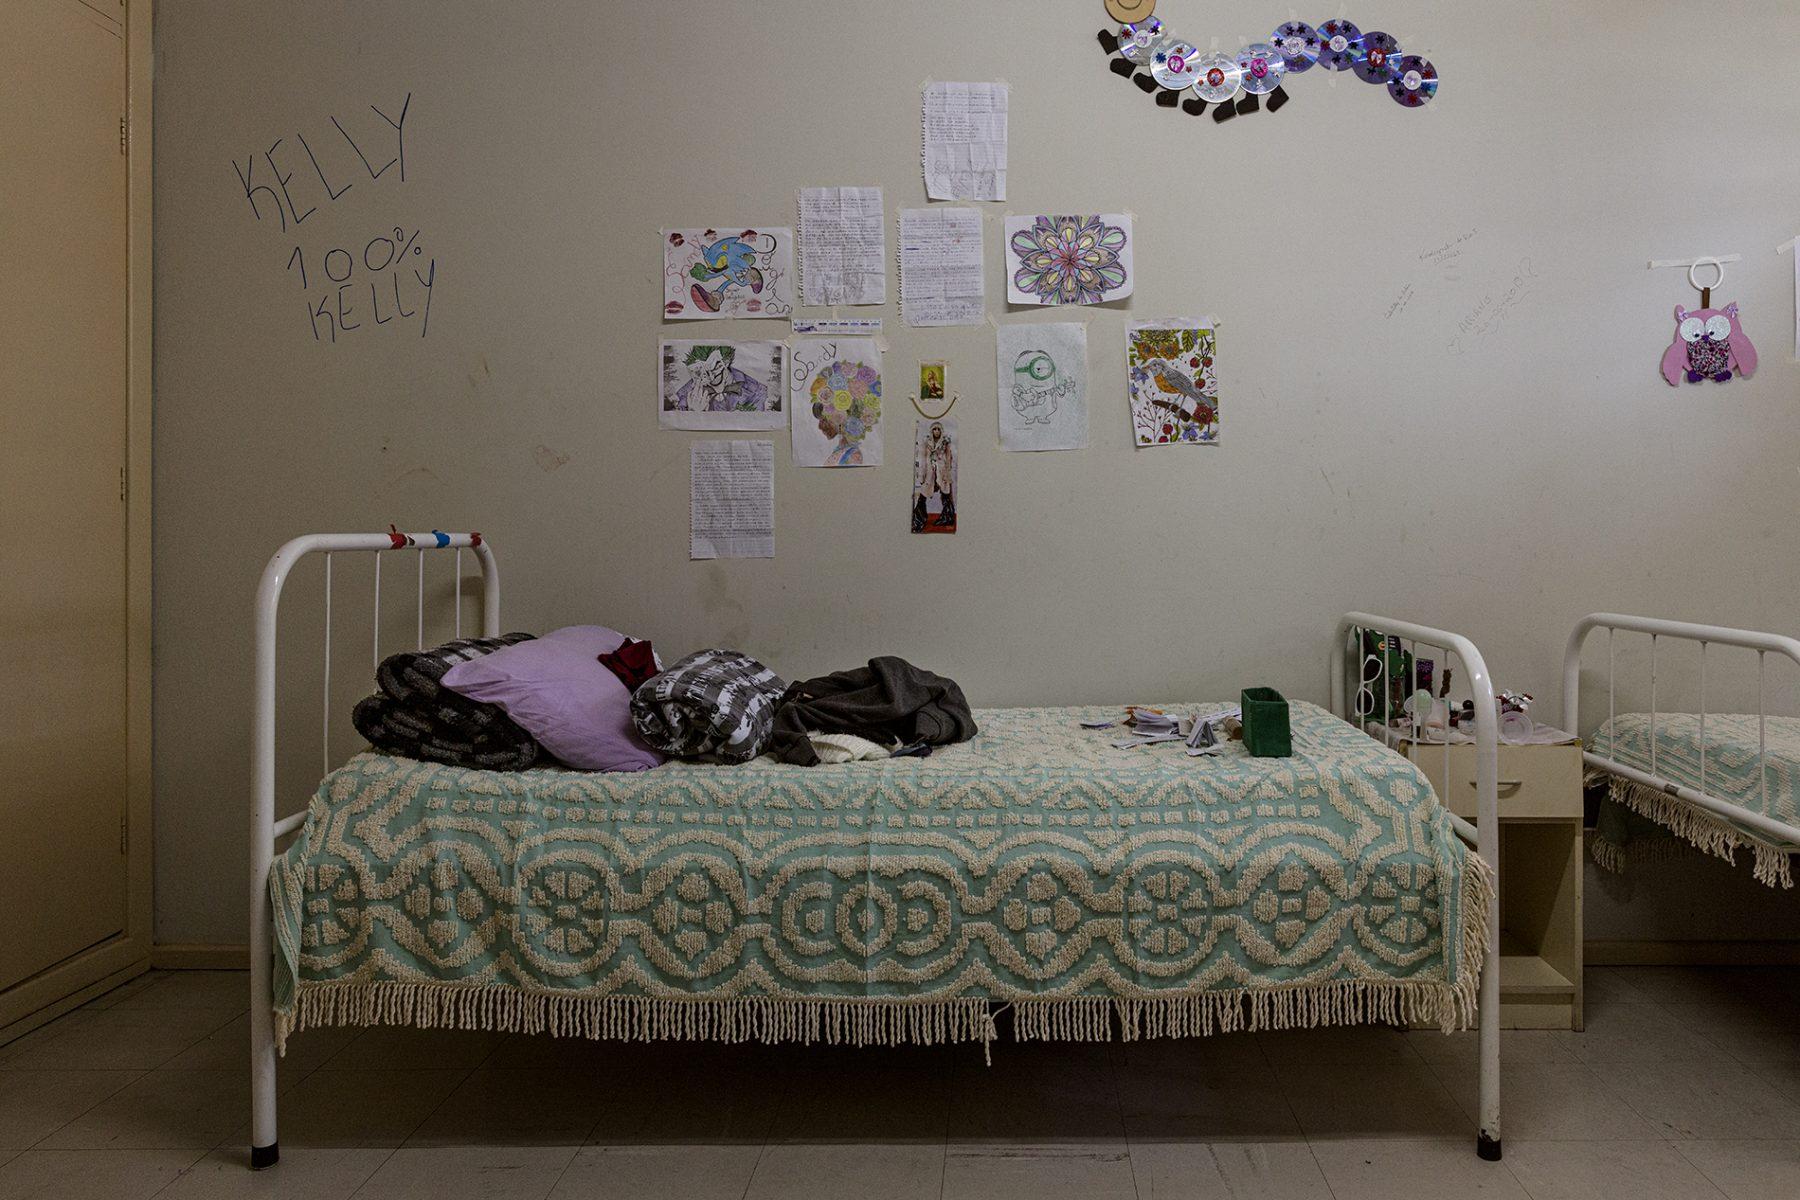 Fotografía en color de Gui Christ, dormitorio con dibujos y pinturas y graffitis en la pared